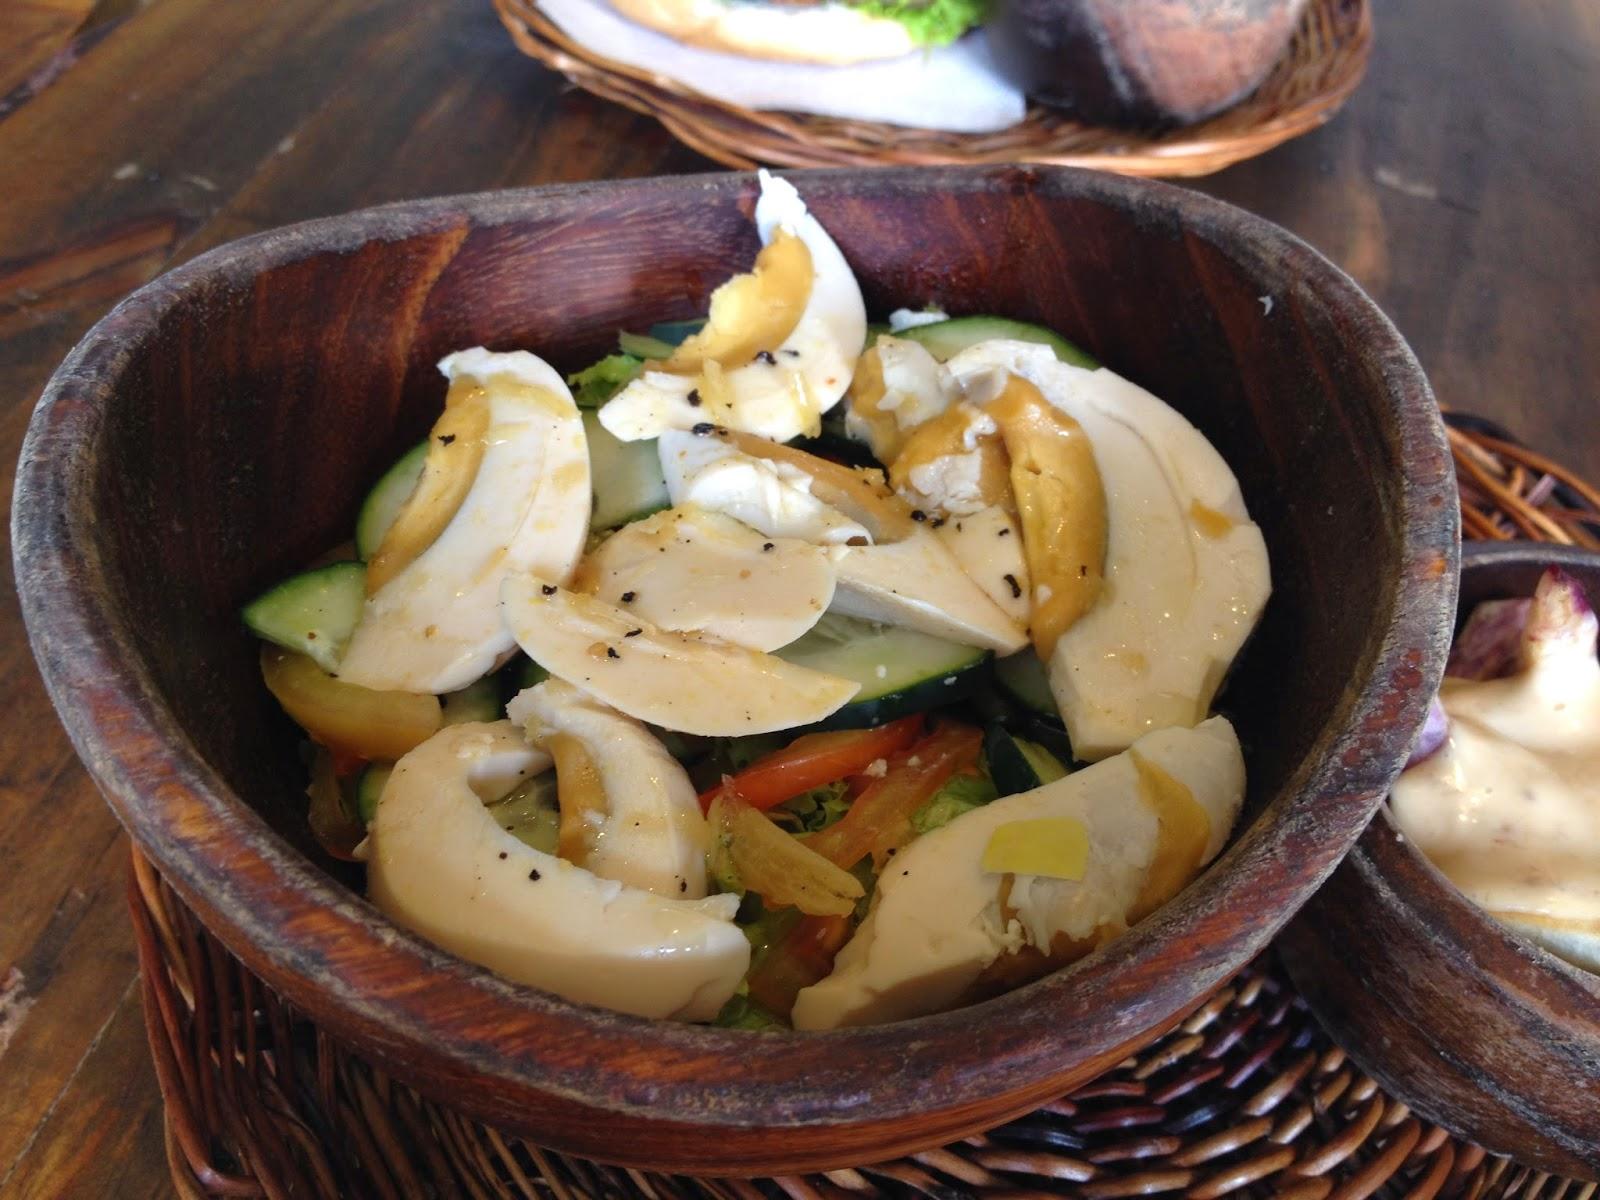 Denise YalungEnchanted Farm Cafe